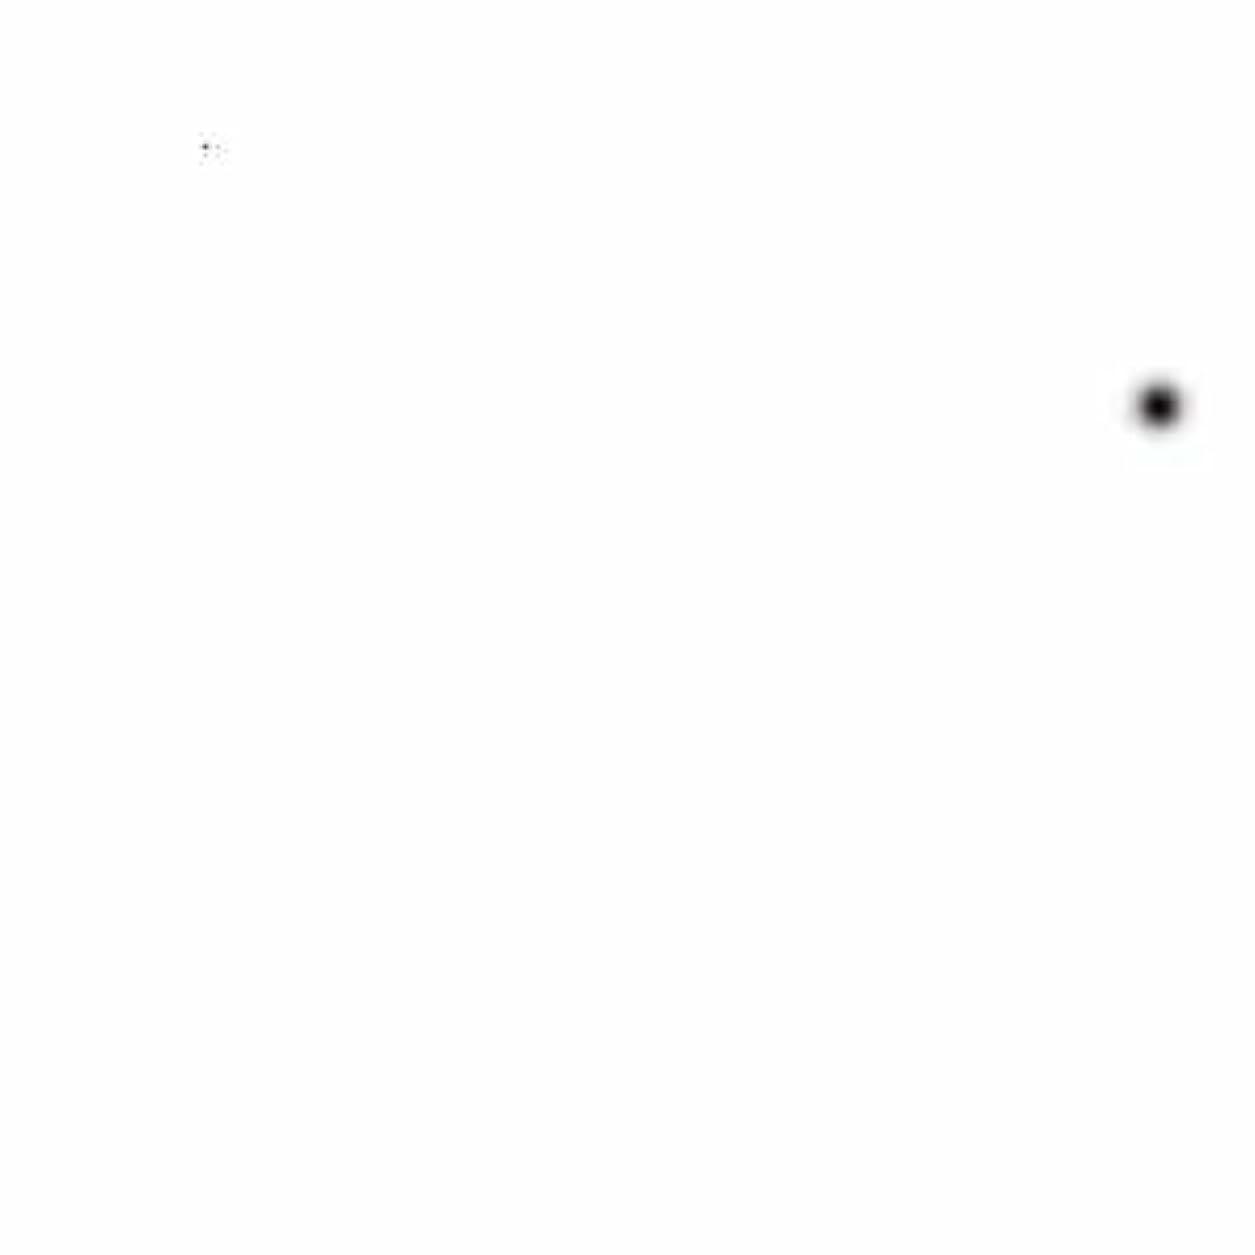 正しい公使館洞察力のあるオールドスパイス Swagger ボディーウォッシュ 2個セット [並行輸入品]